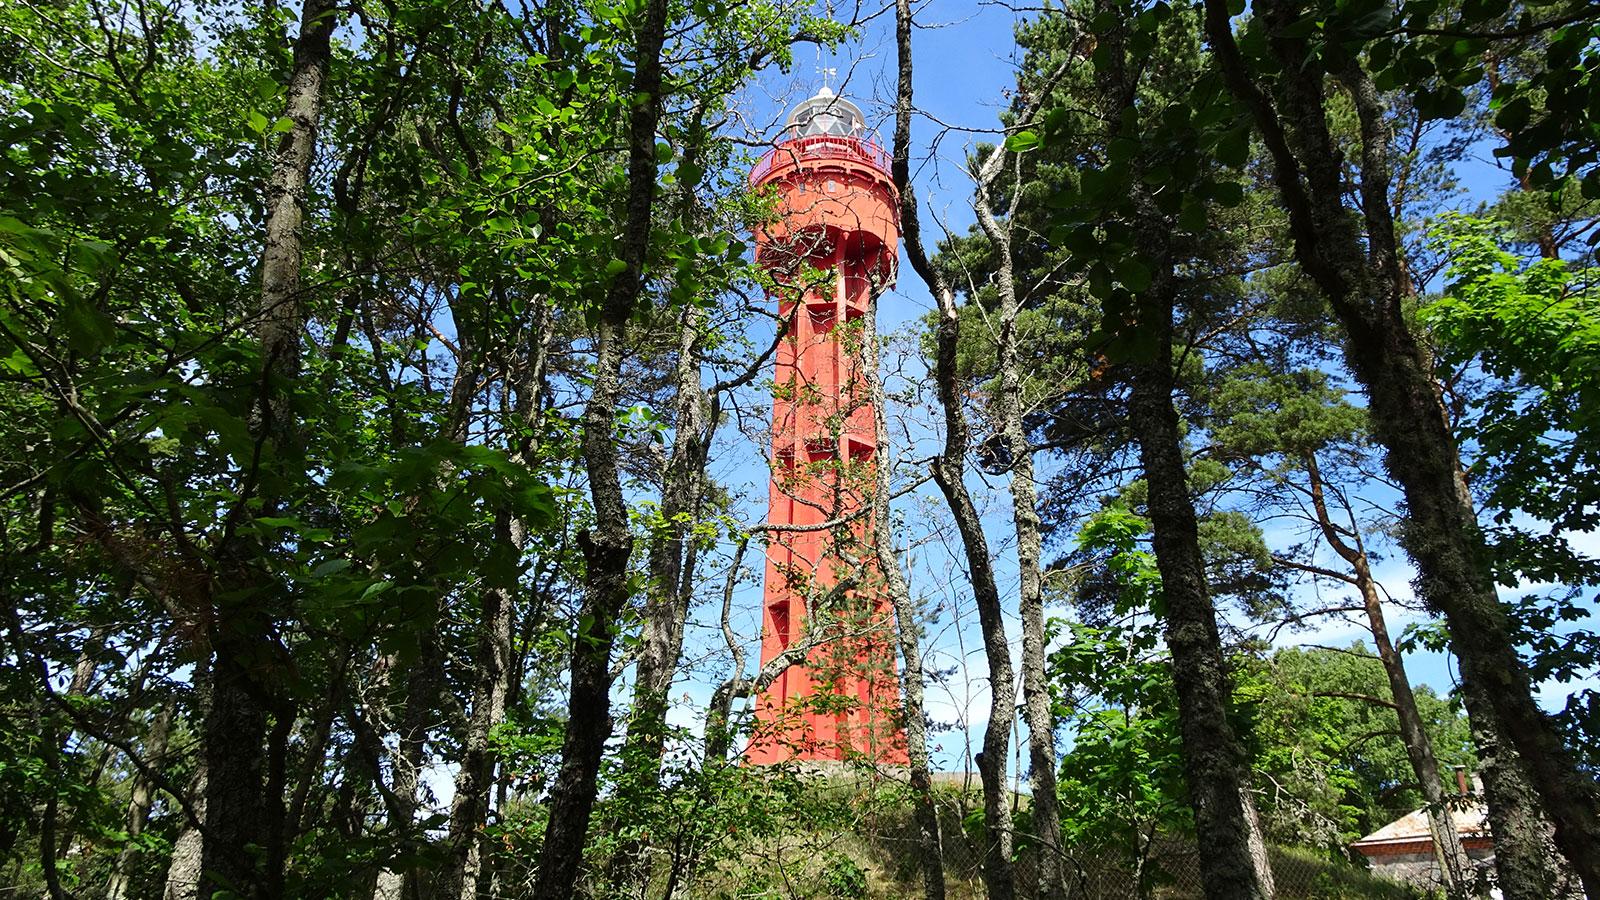 Estlands Wälder beherbergen einen  riesengroßen, roten Turm